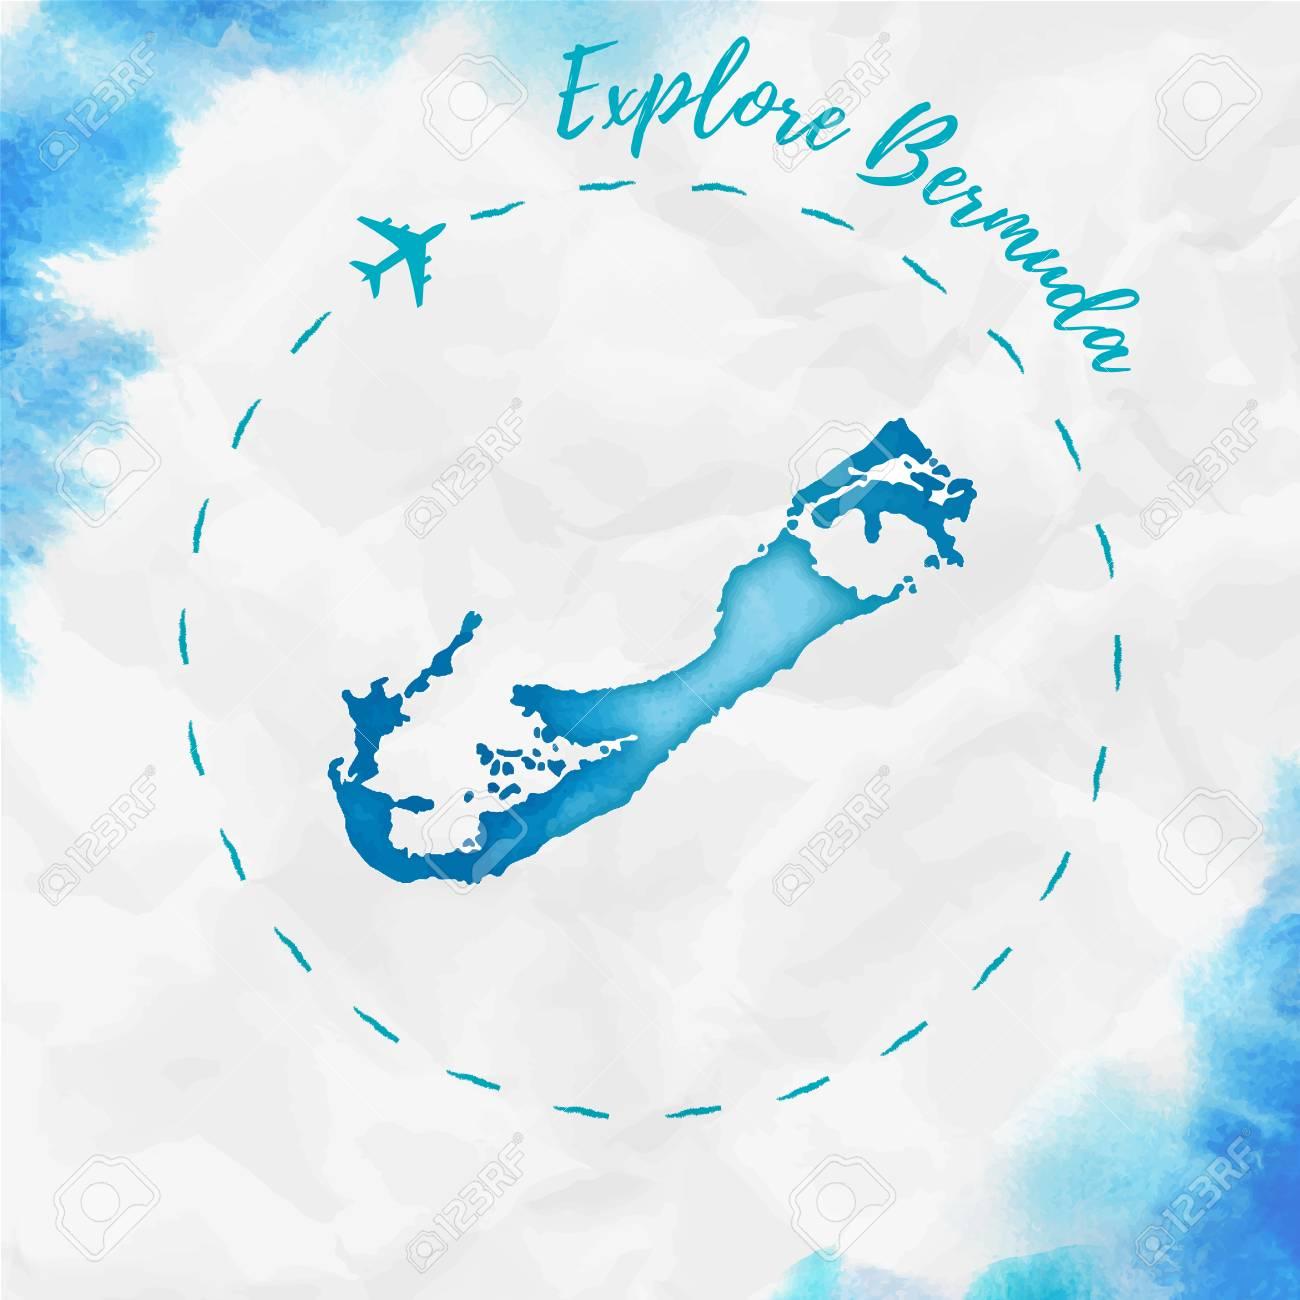 Bermuda watercolor island map in turquoise colors. Explore Bermuda..